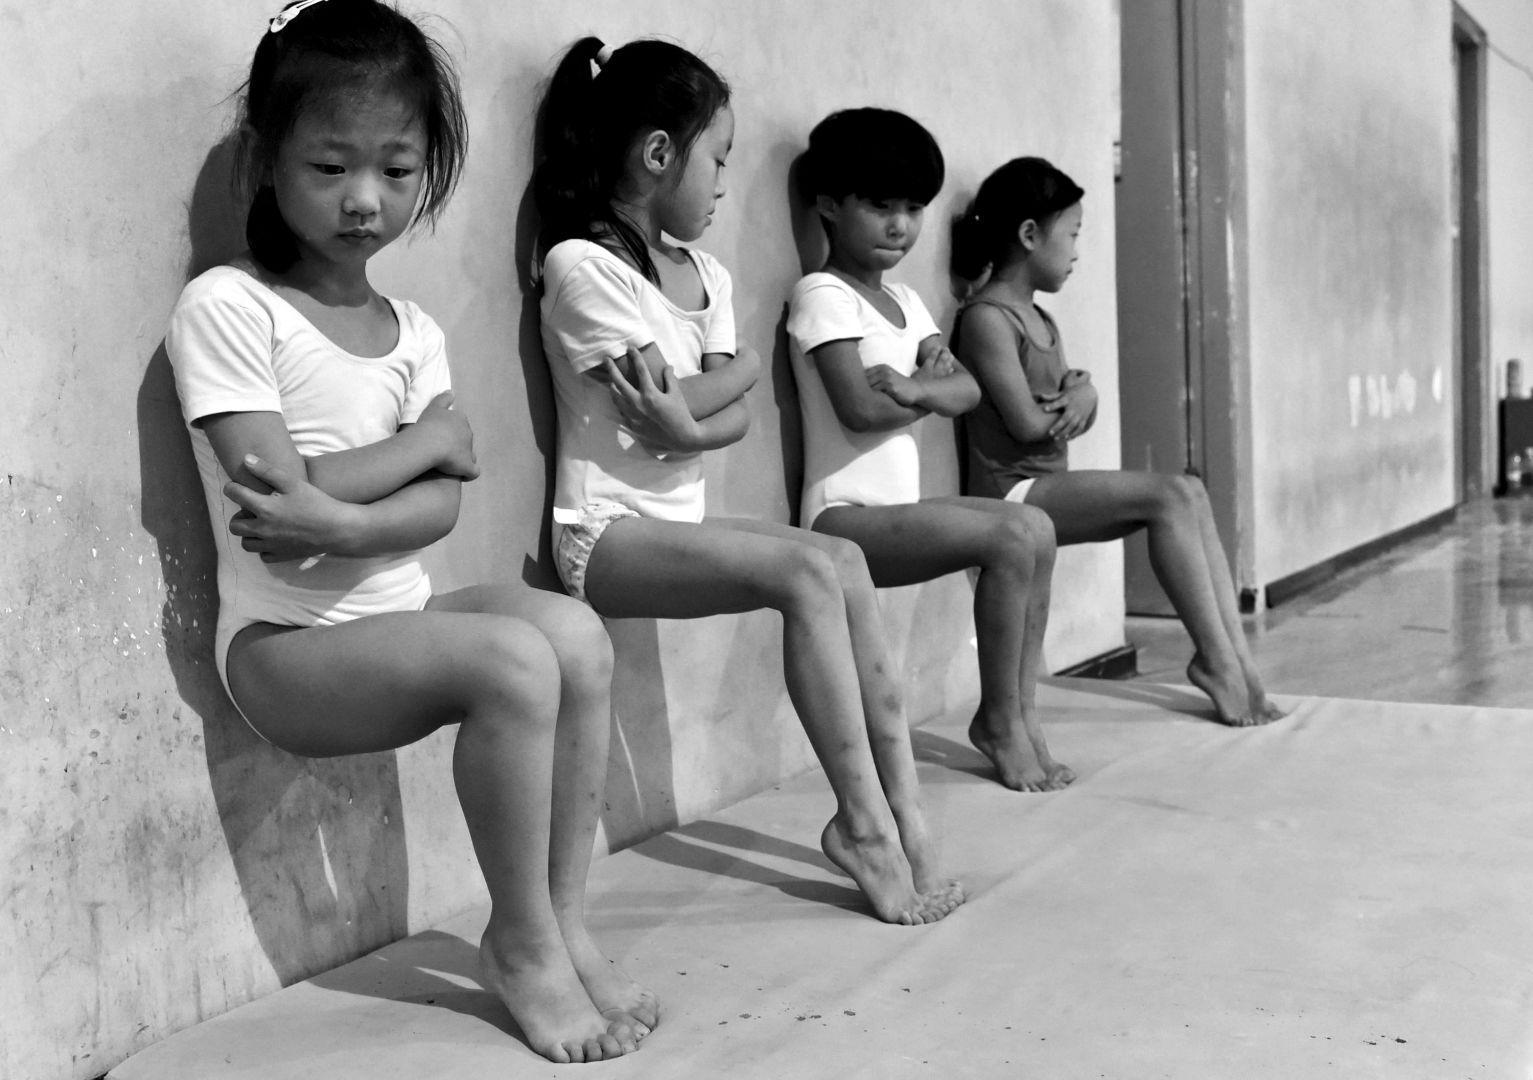 Пот делает чемпионов, © Ван Тьечжун, Китай, Фотоконкурс World Press Photo